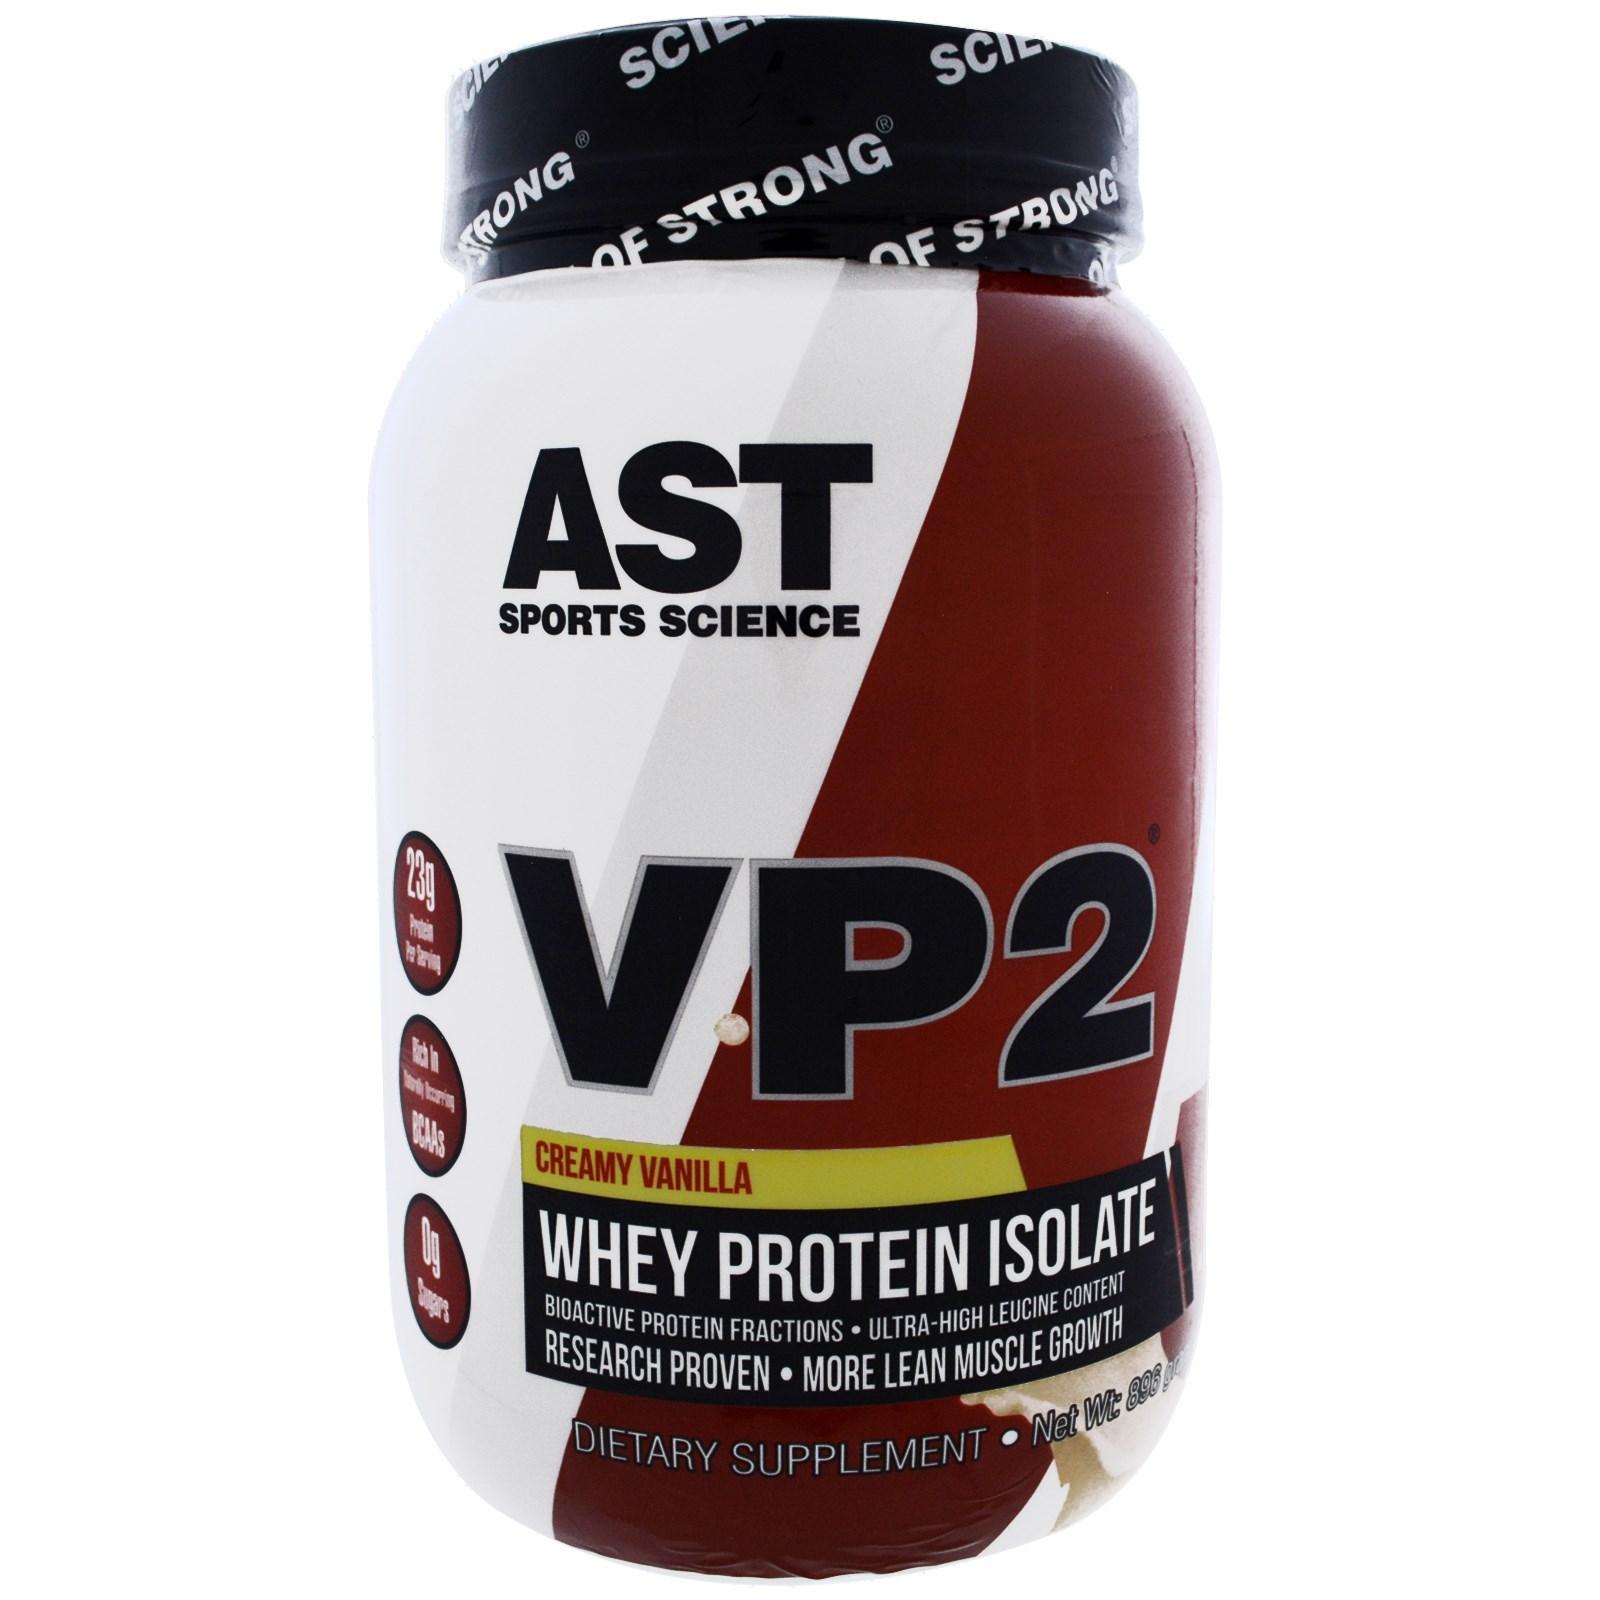 AST Sports Science, VP2, изолят сывороточного белка, ванильный крем, 2,12 фунта (960 г)